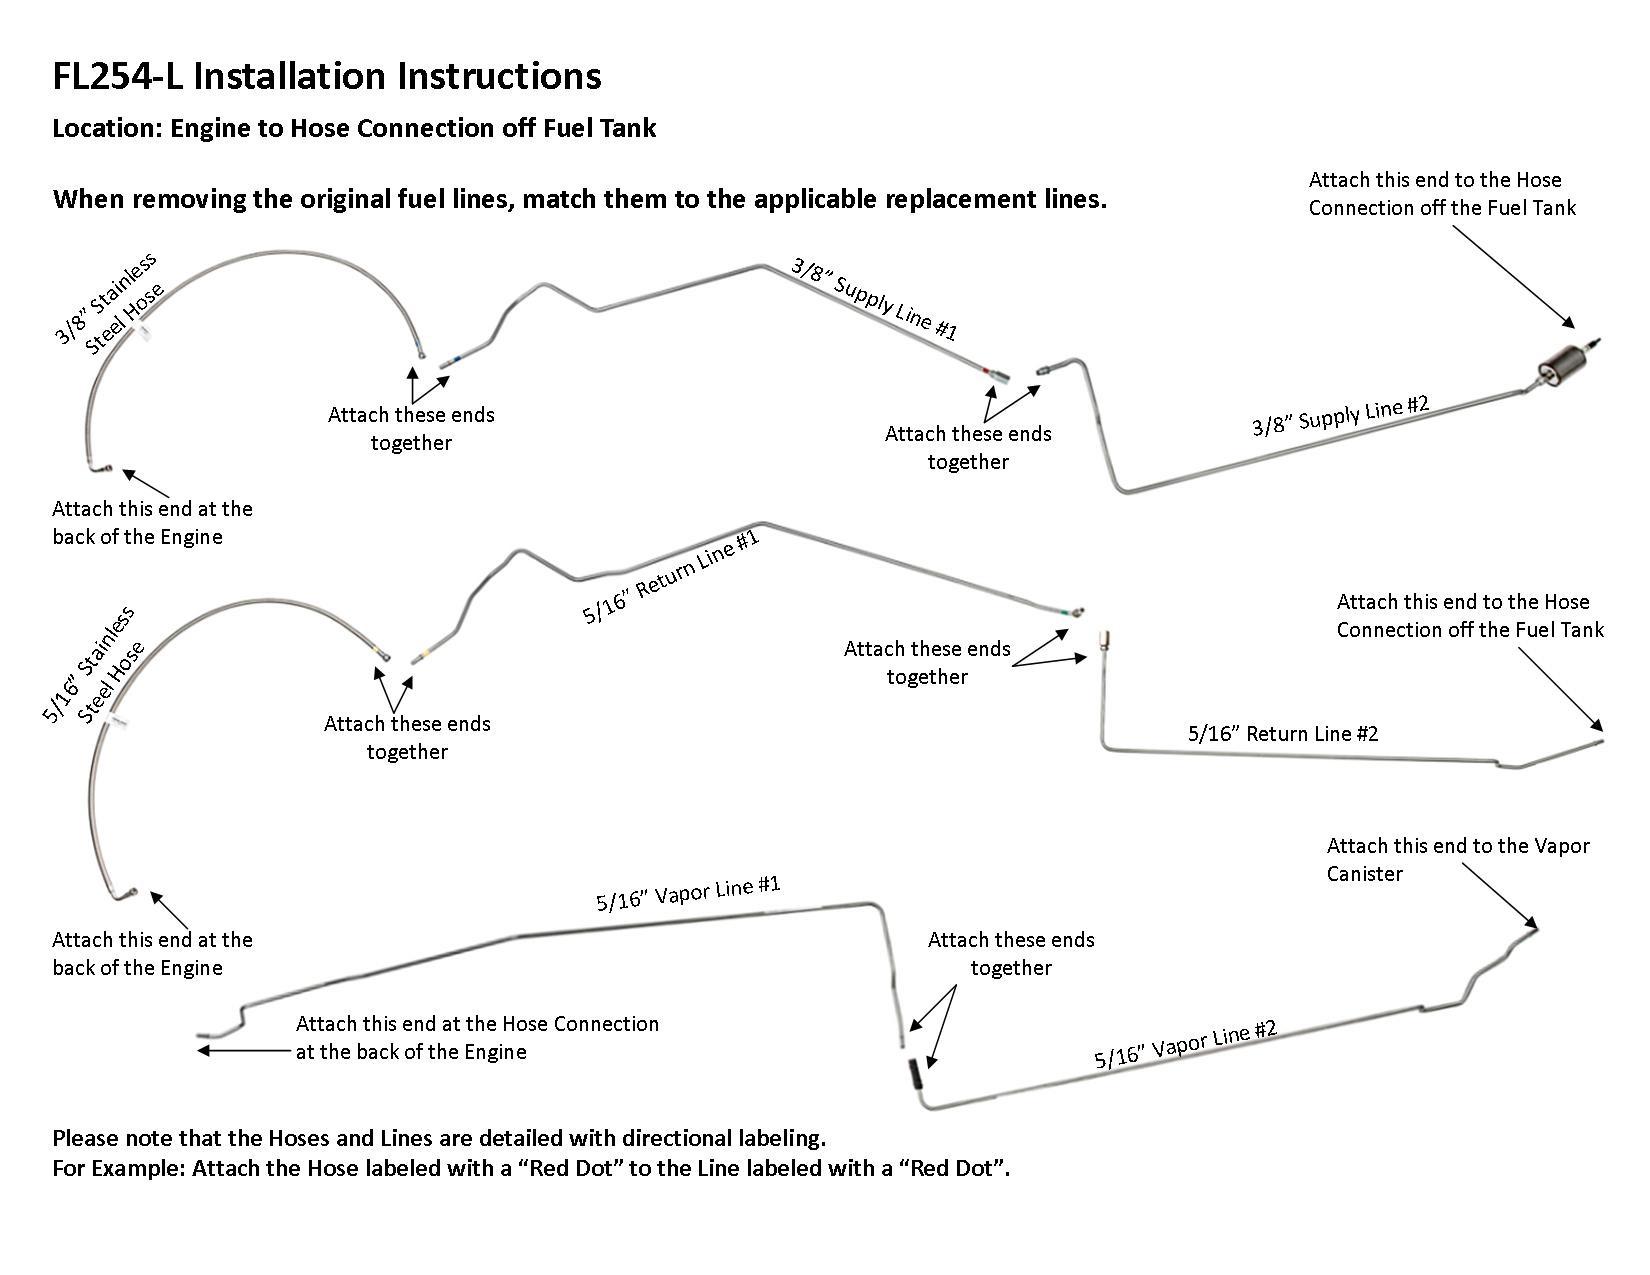 1997 buick lesabre 3 8l engine diagram fl254 l installation instructions lines to go  fl254 l installation instructions